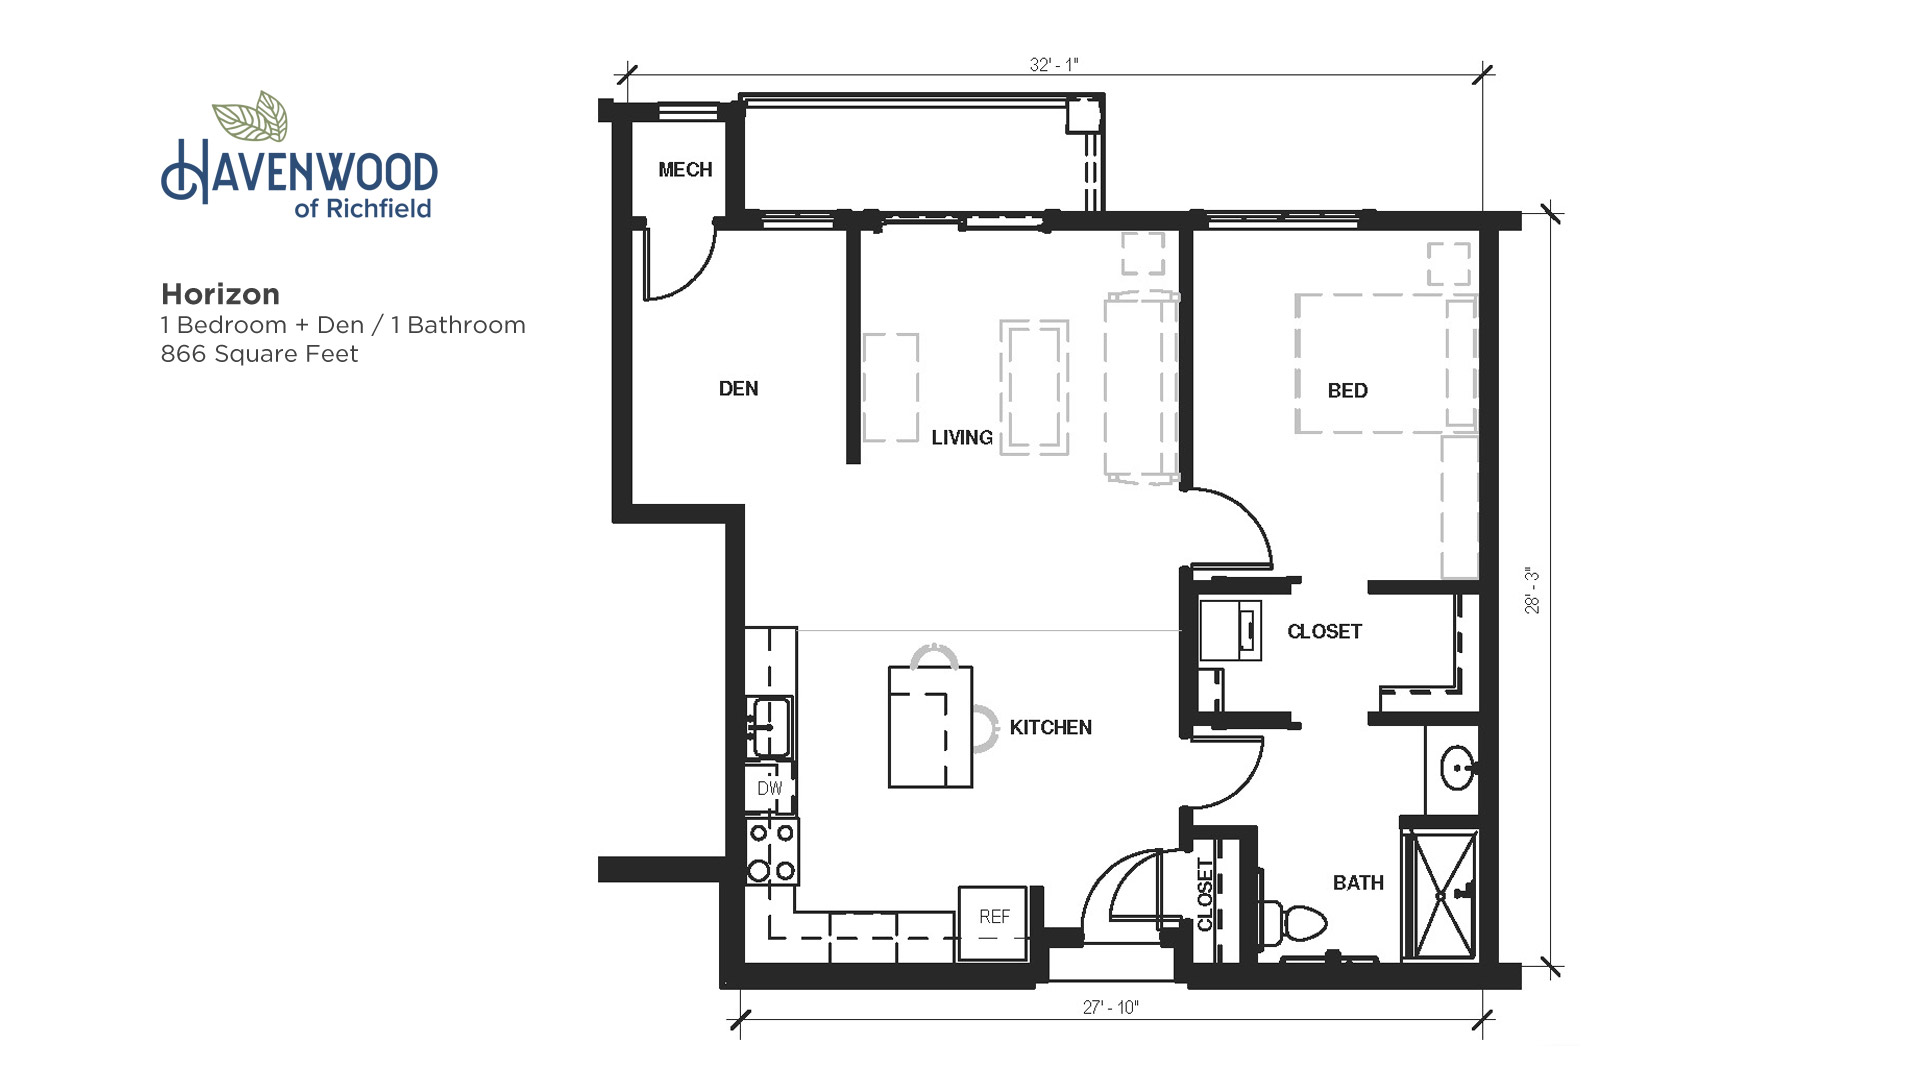 Havenwood of Richfield Horizon Floor Plan